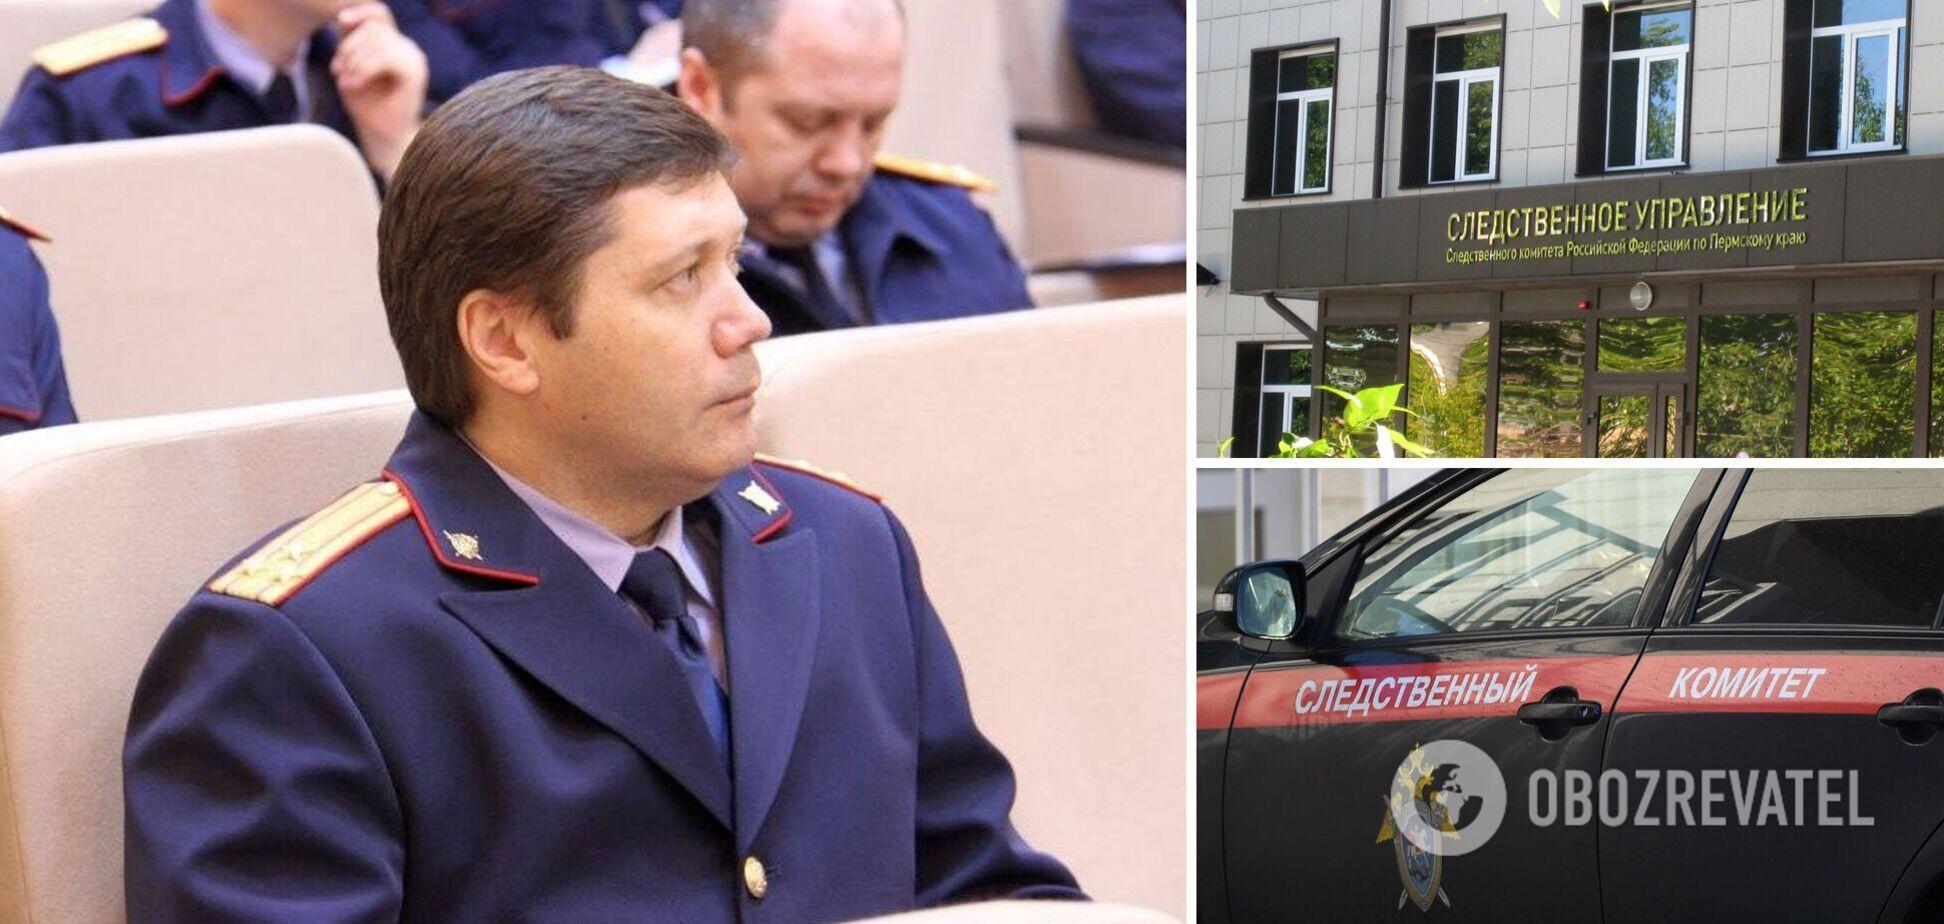 Сергей Сарапульцев покончил с собой